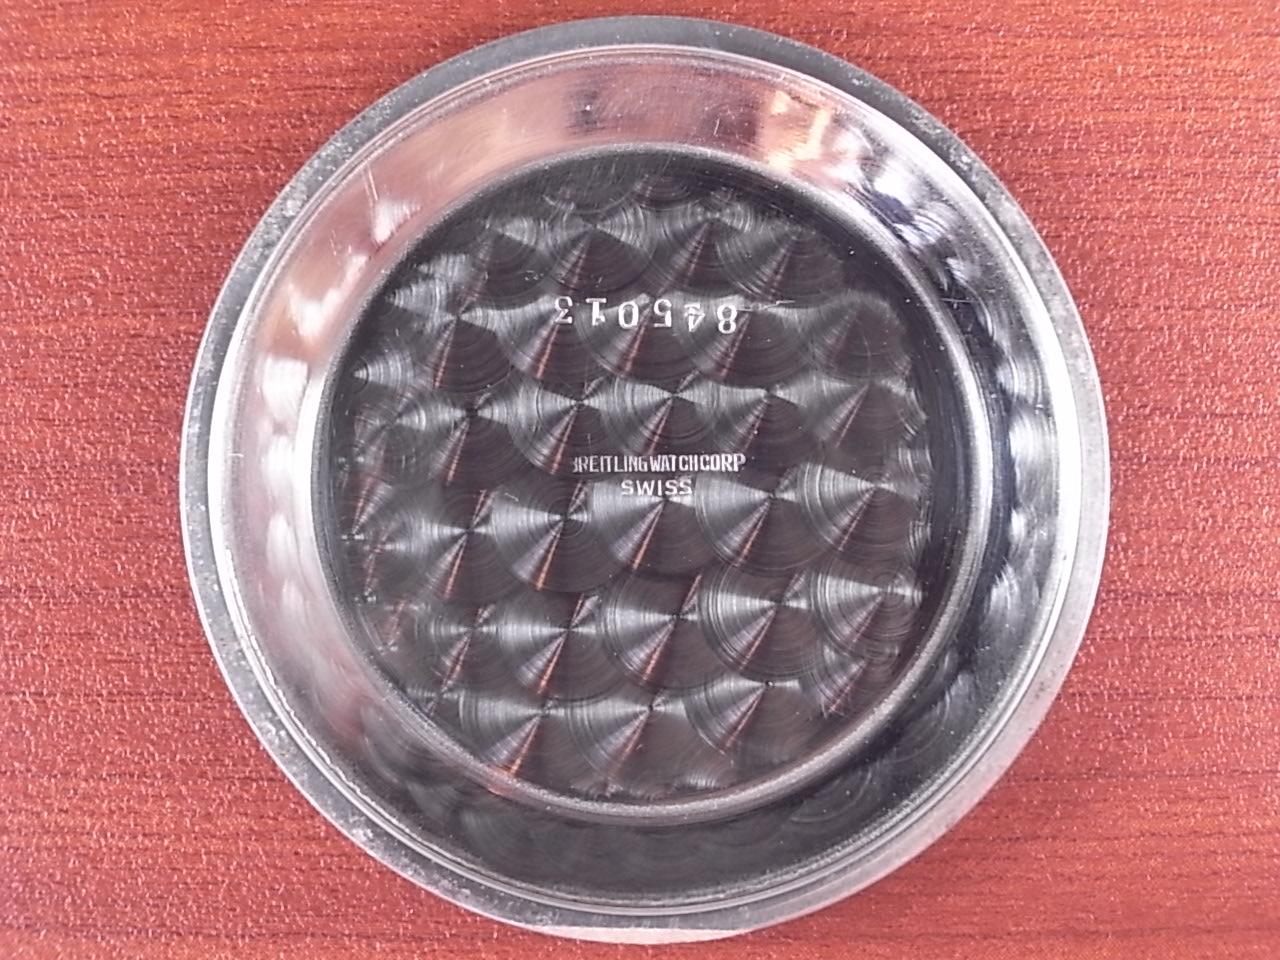 ブライトリング ナビタイマー ファースト Ref.806 ヴィーナス178 1950年代の写真6枚目